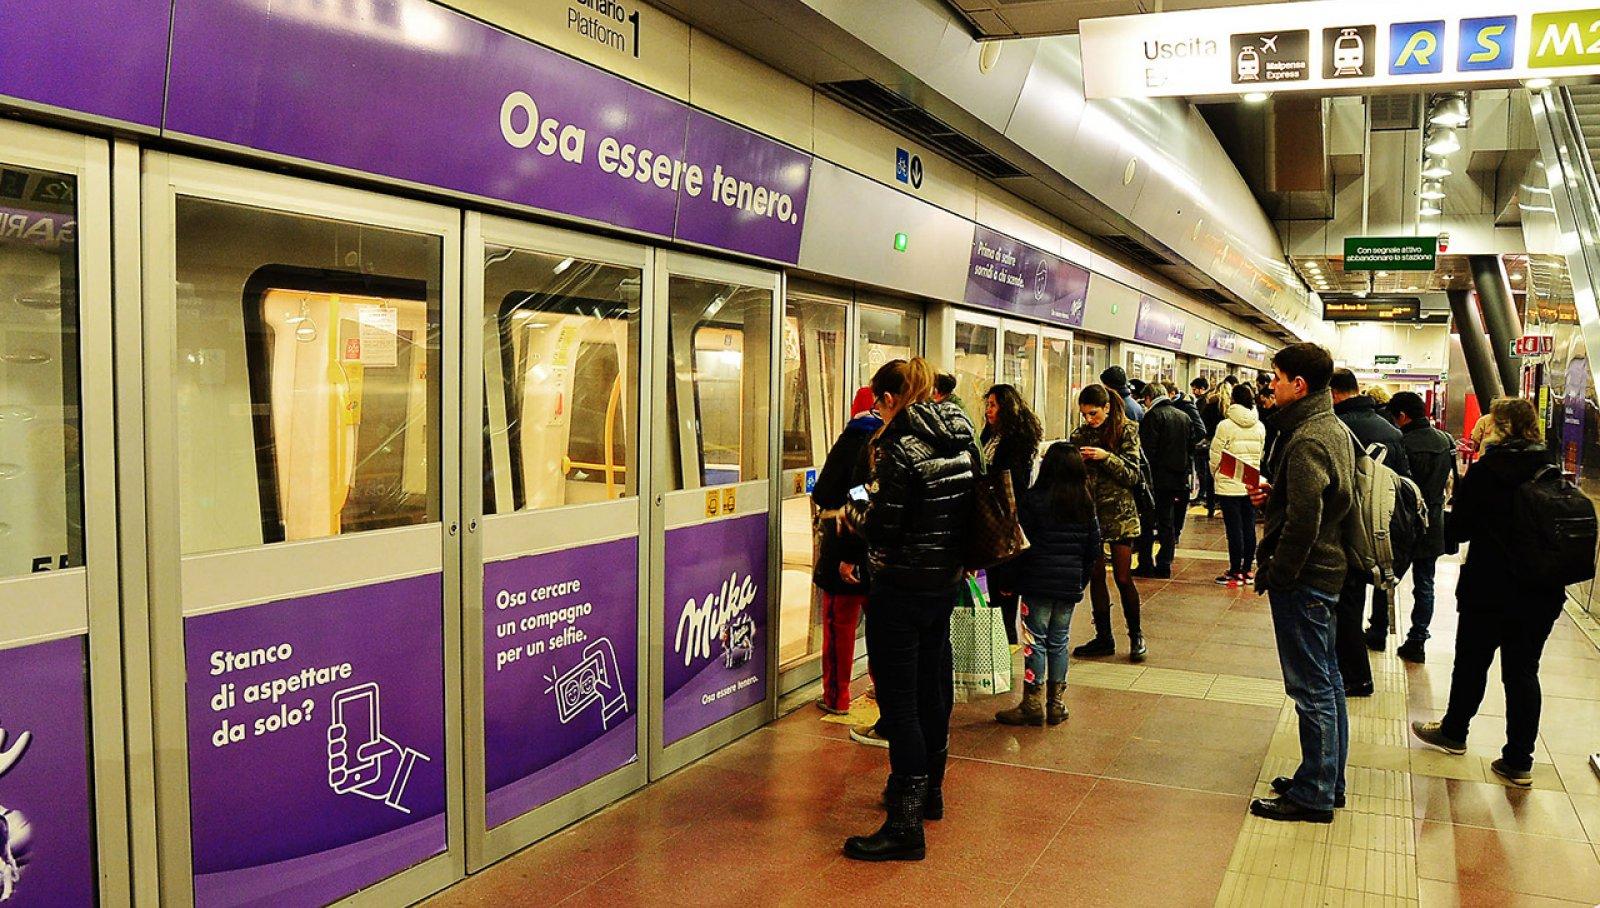 Pubblicità metro Milano IGPDecaux station domination per Milka